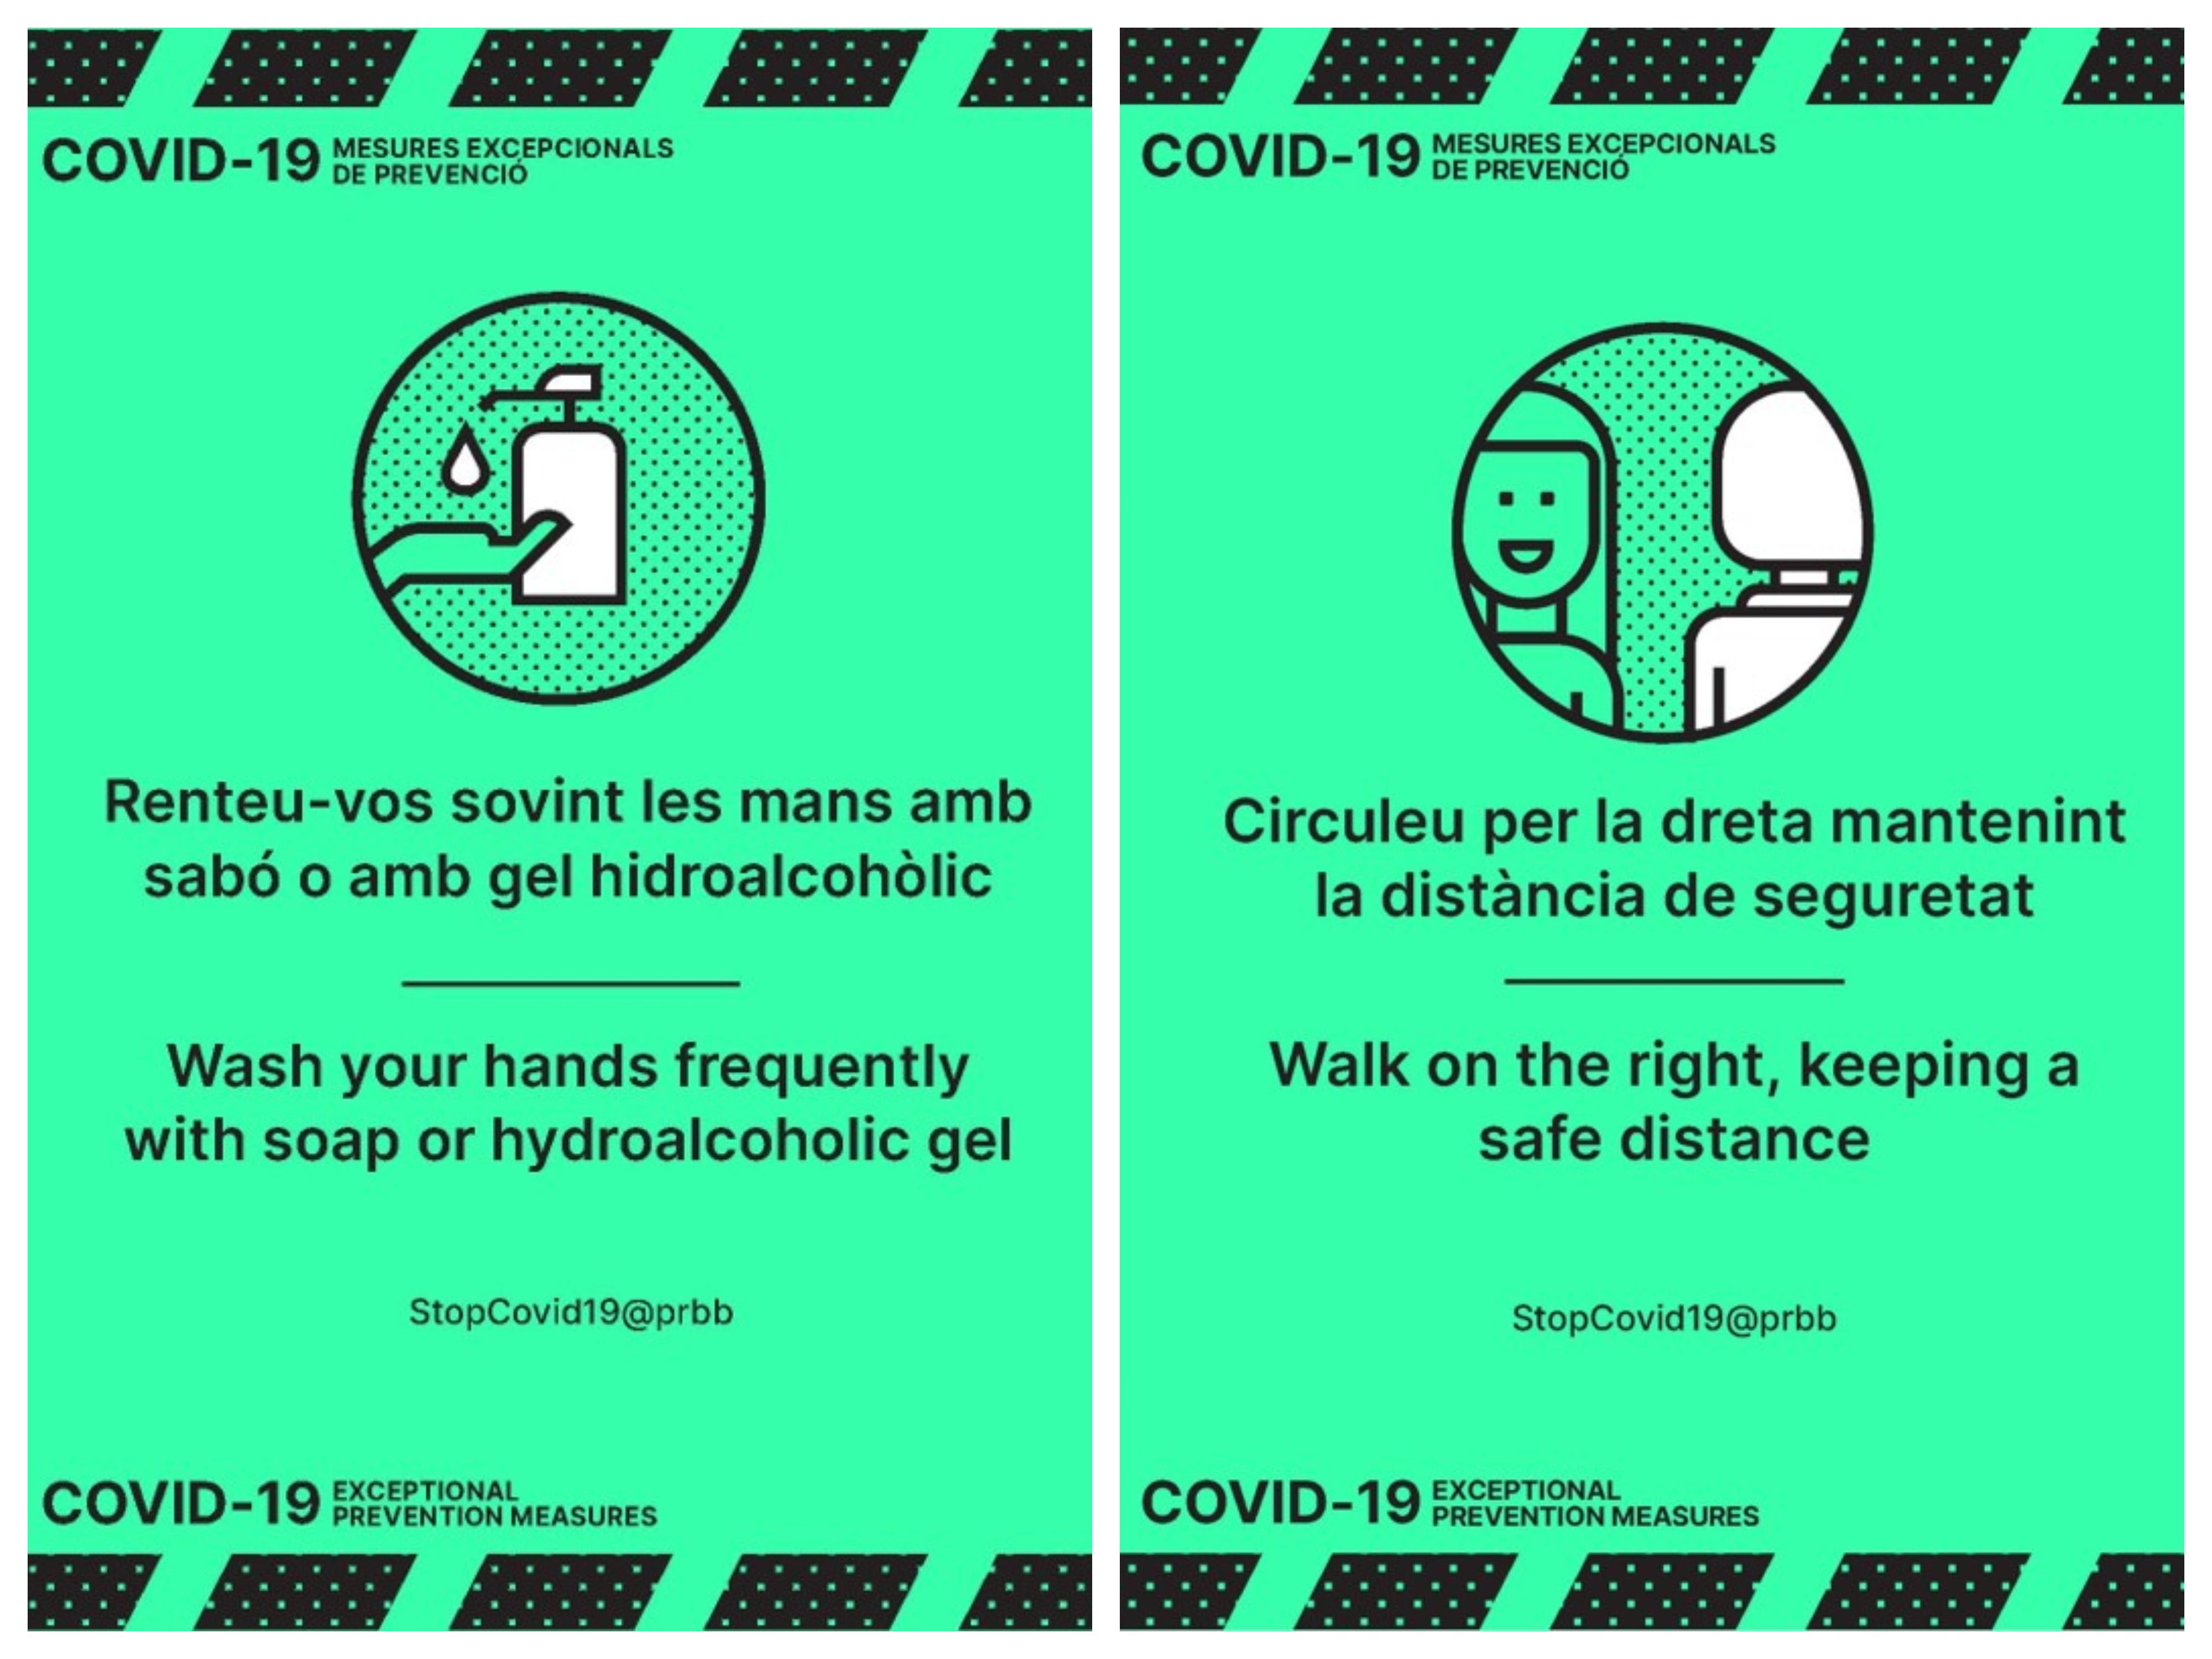 Exemples d'alguns dels missatges de prevenció que es troben a les instal·lacions del PRBB.